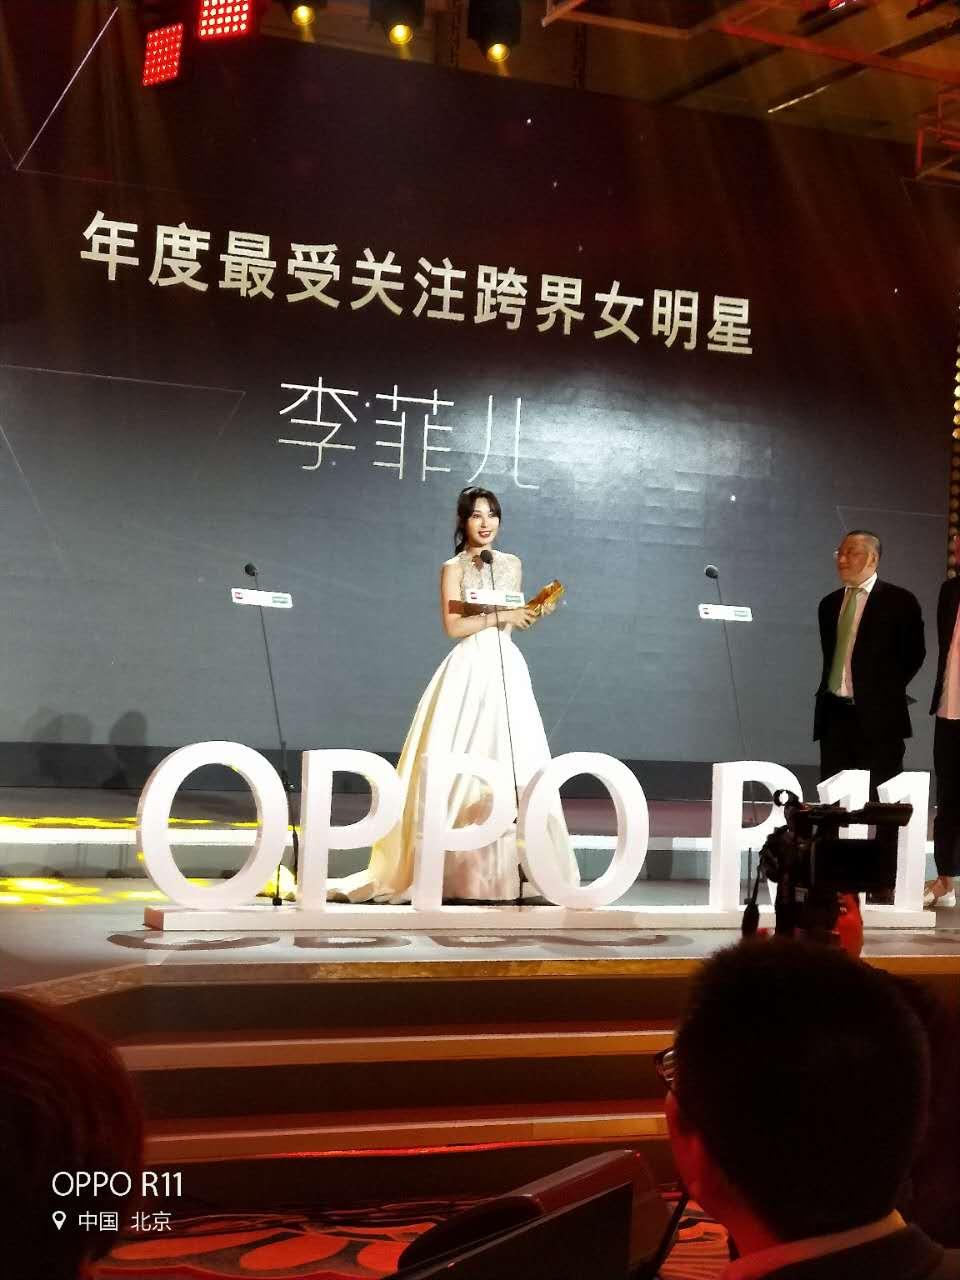 李菲儿获年度最受关注跨界女明星奖 感谢主办方